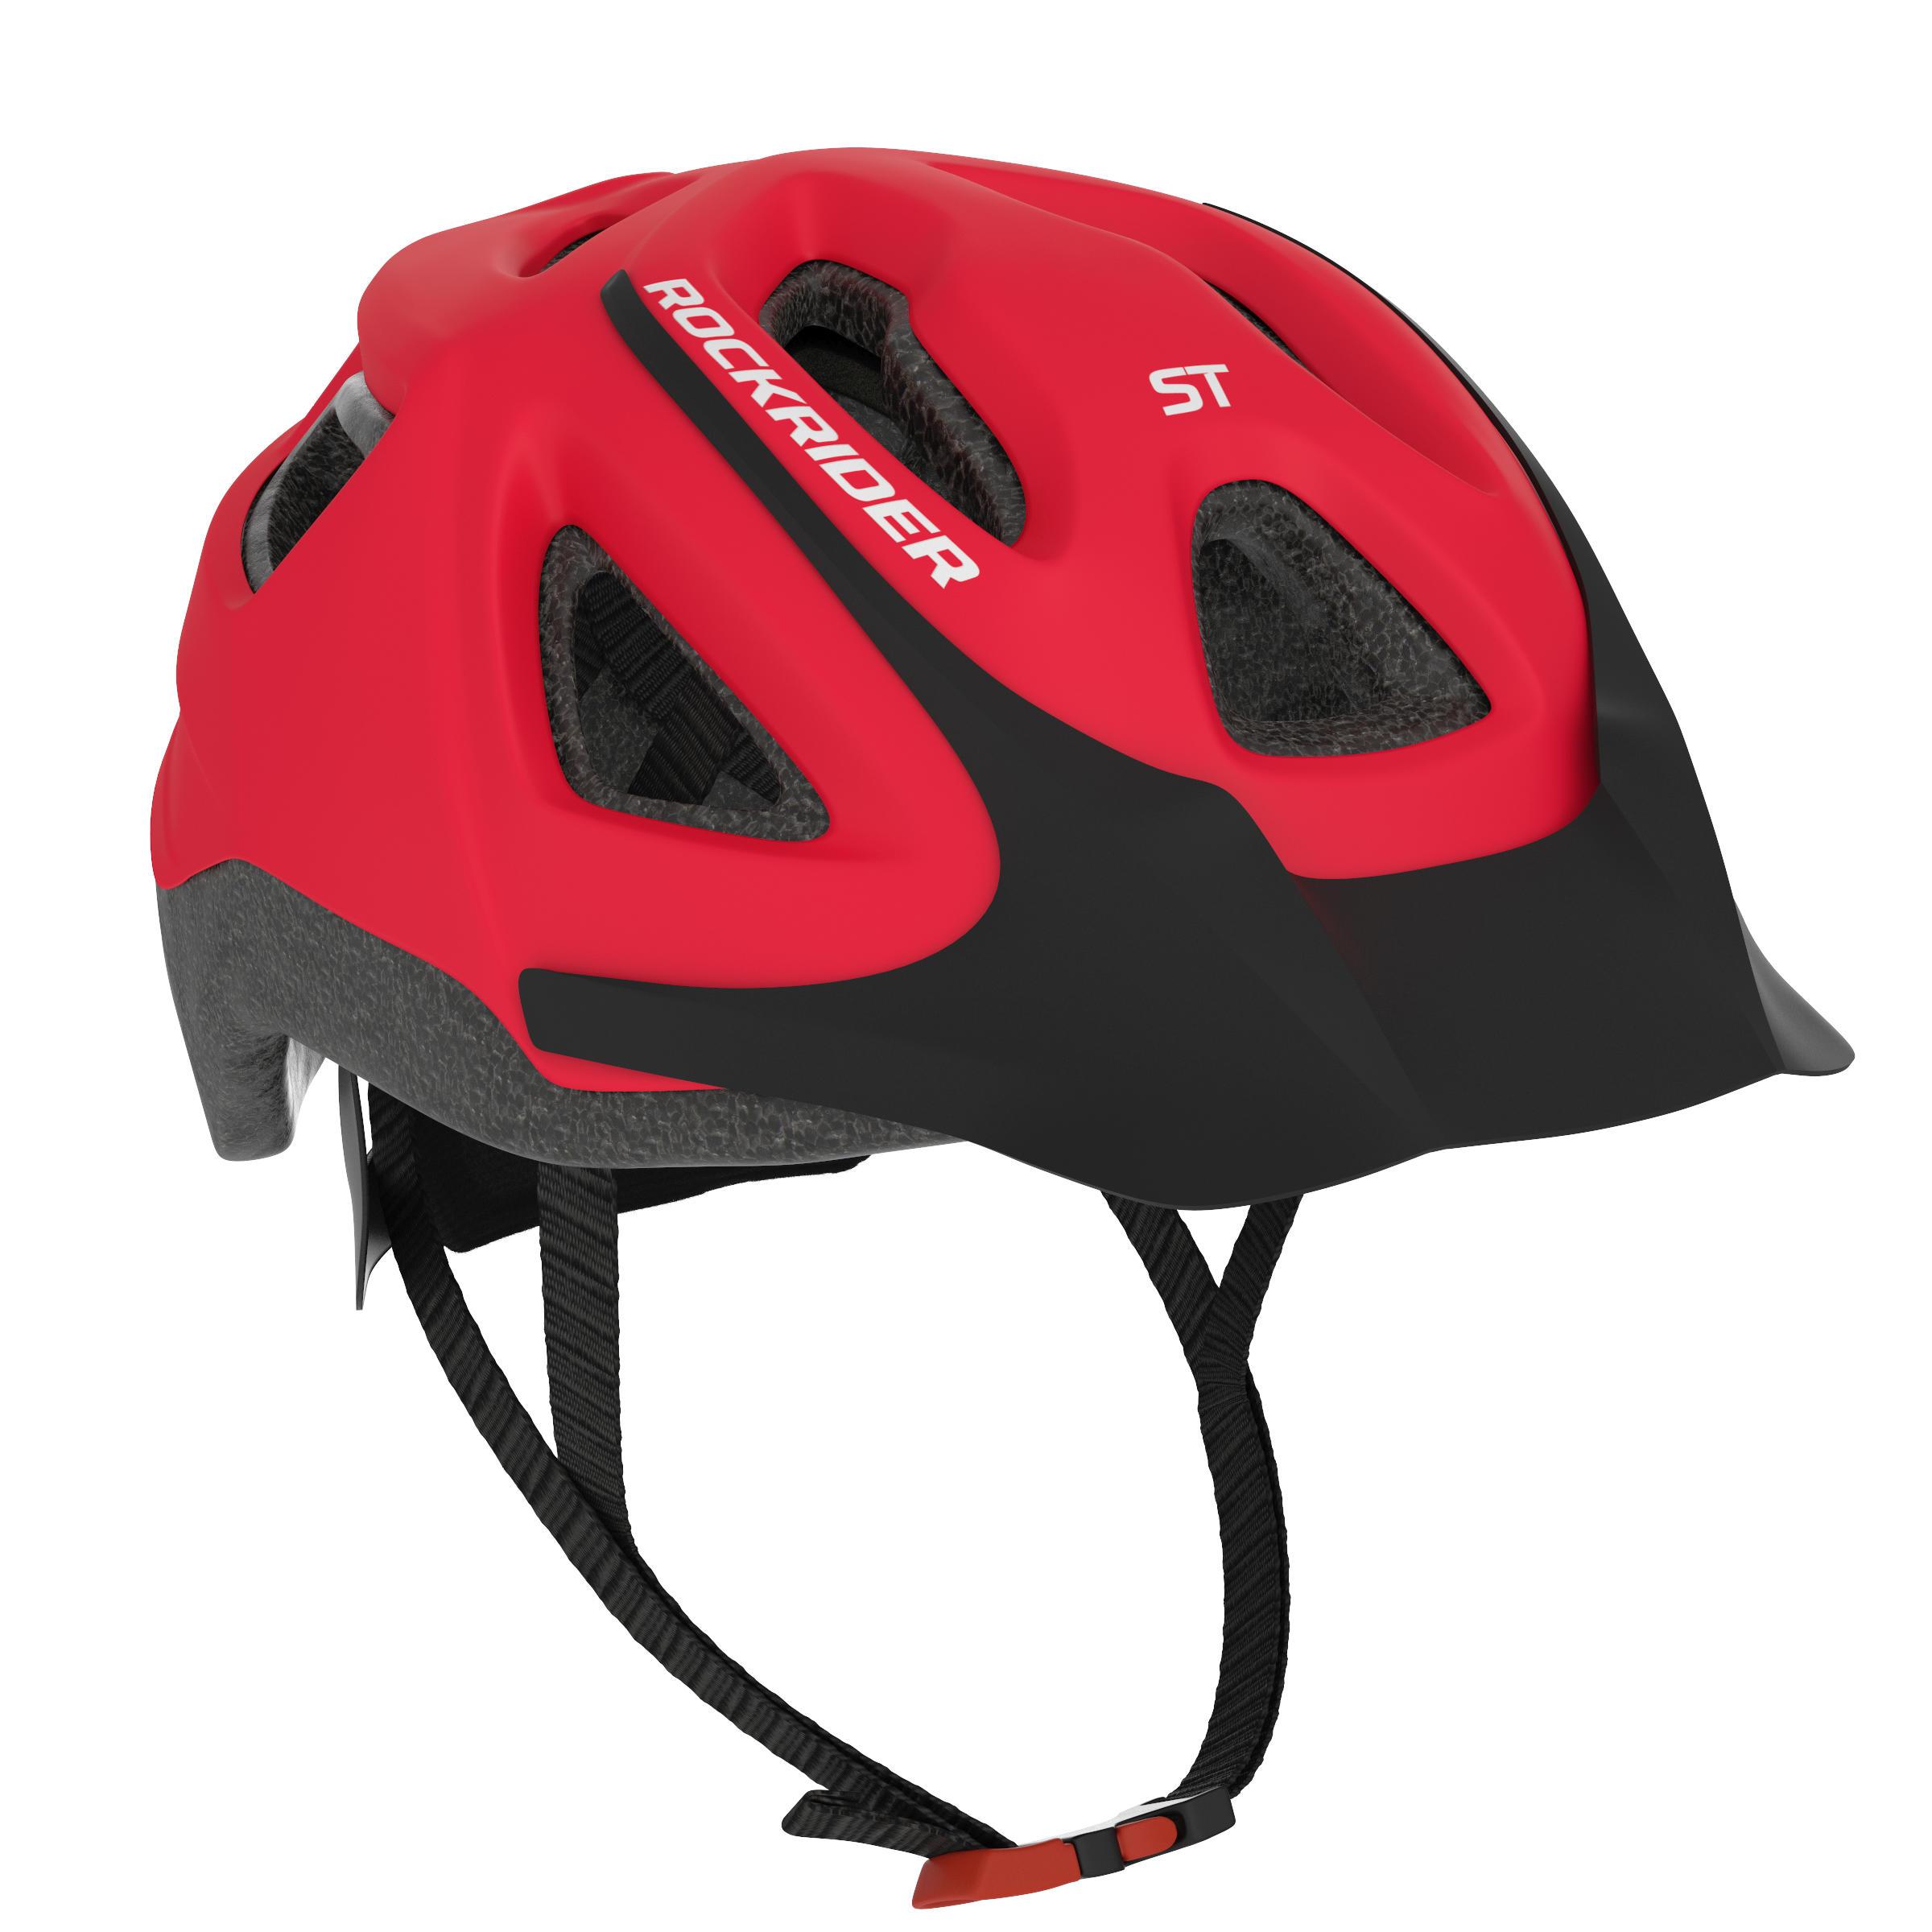 Rockrider Mountainbikehelm ST 100 rood kopen